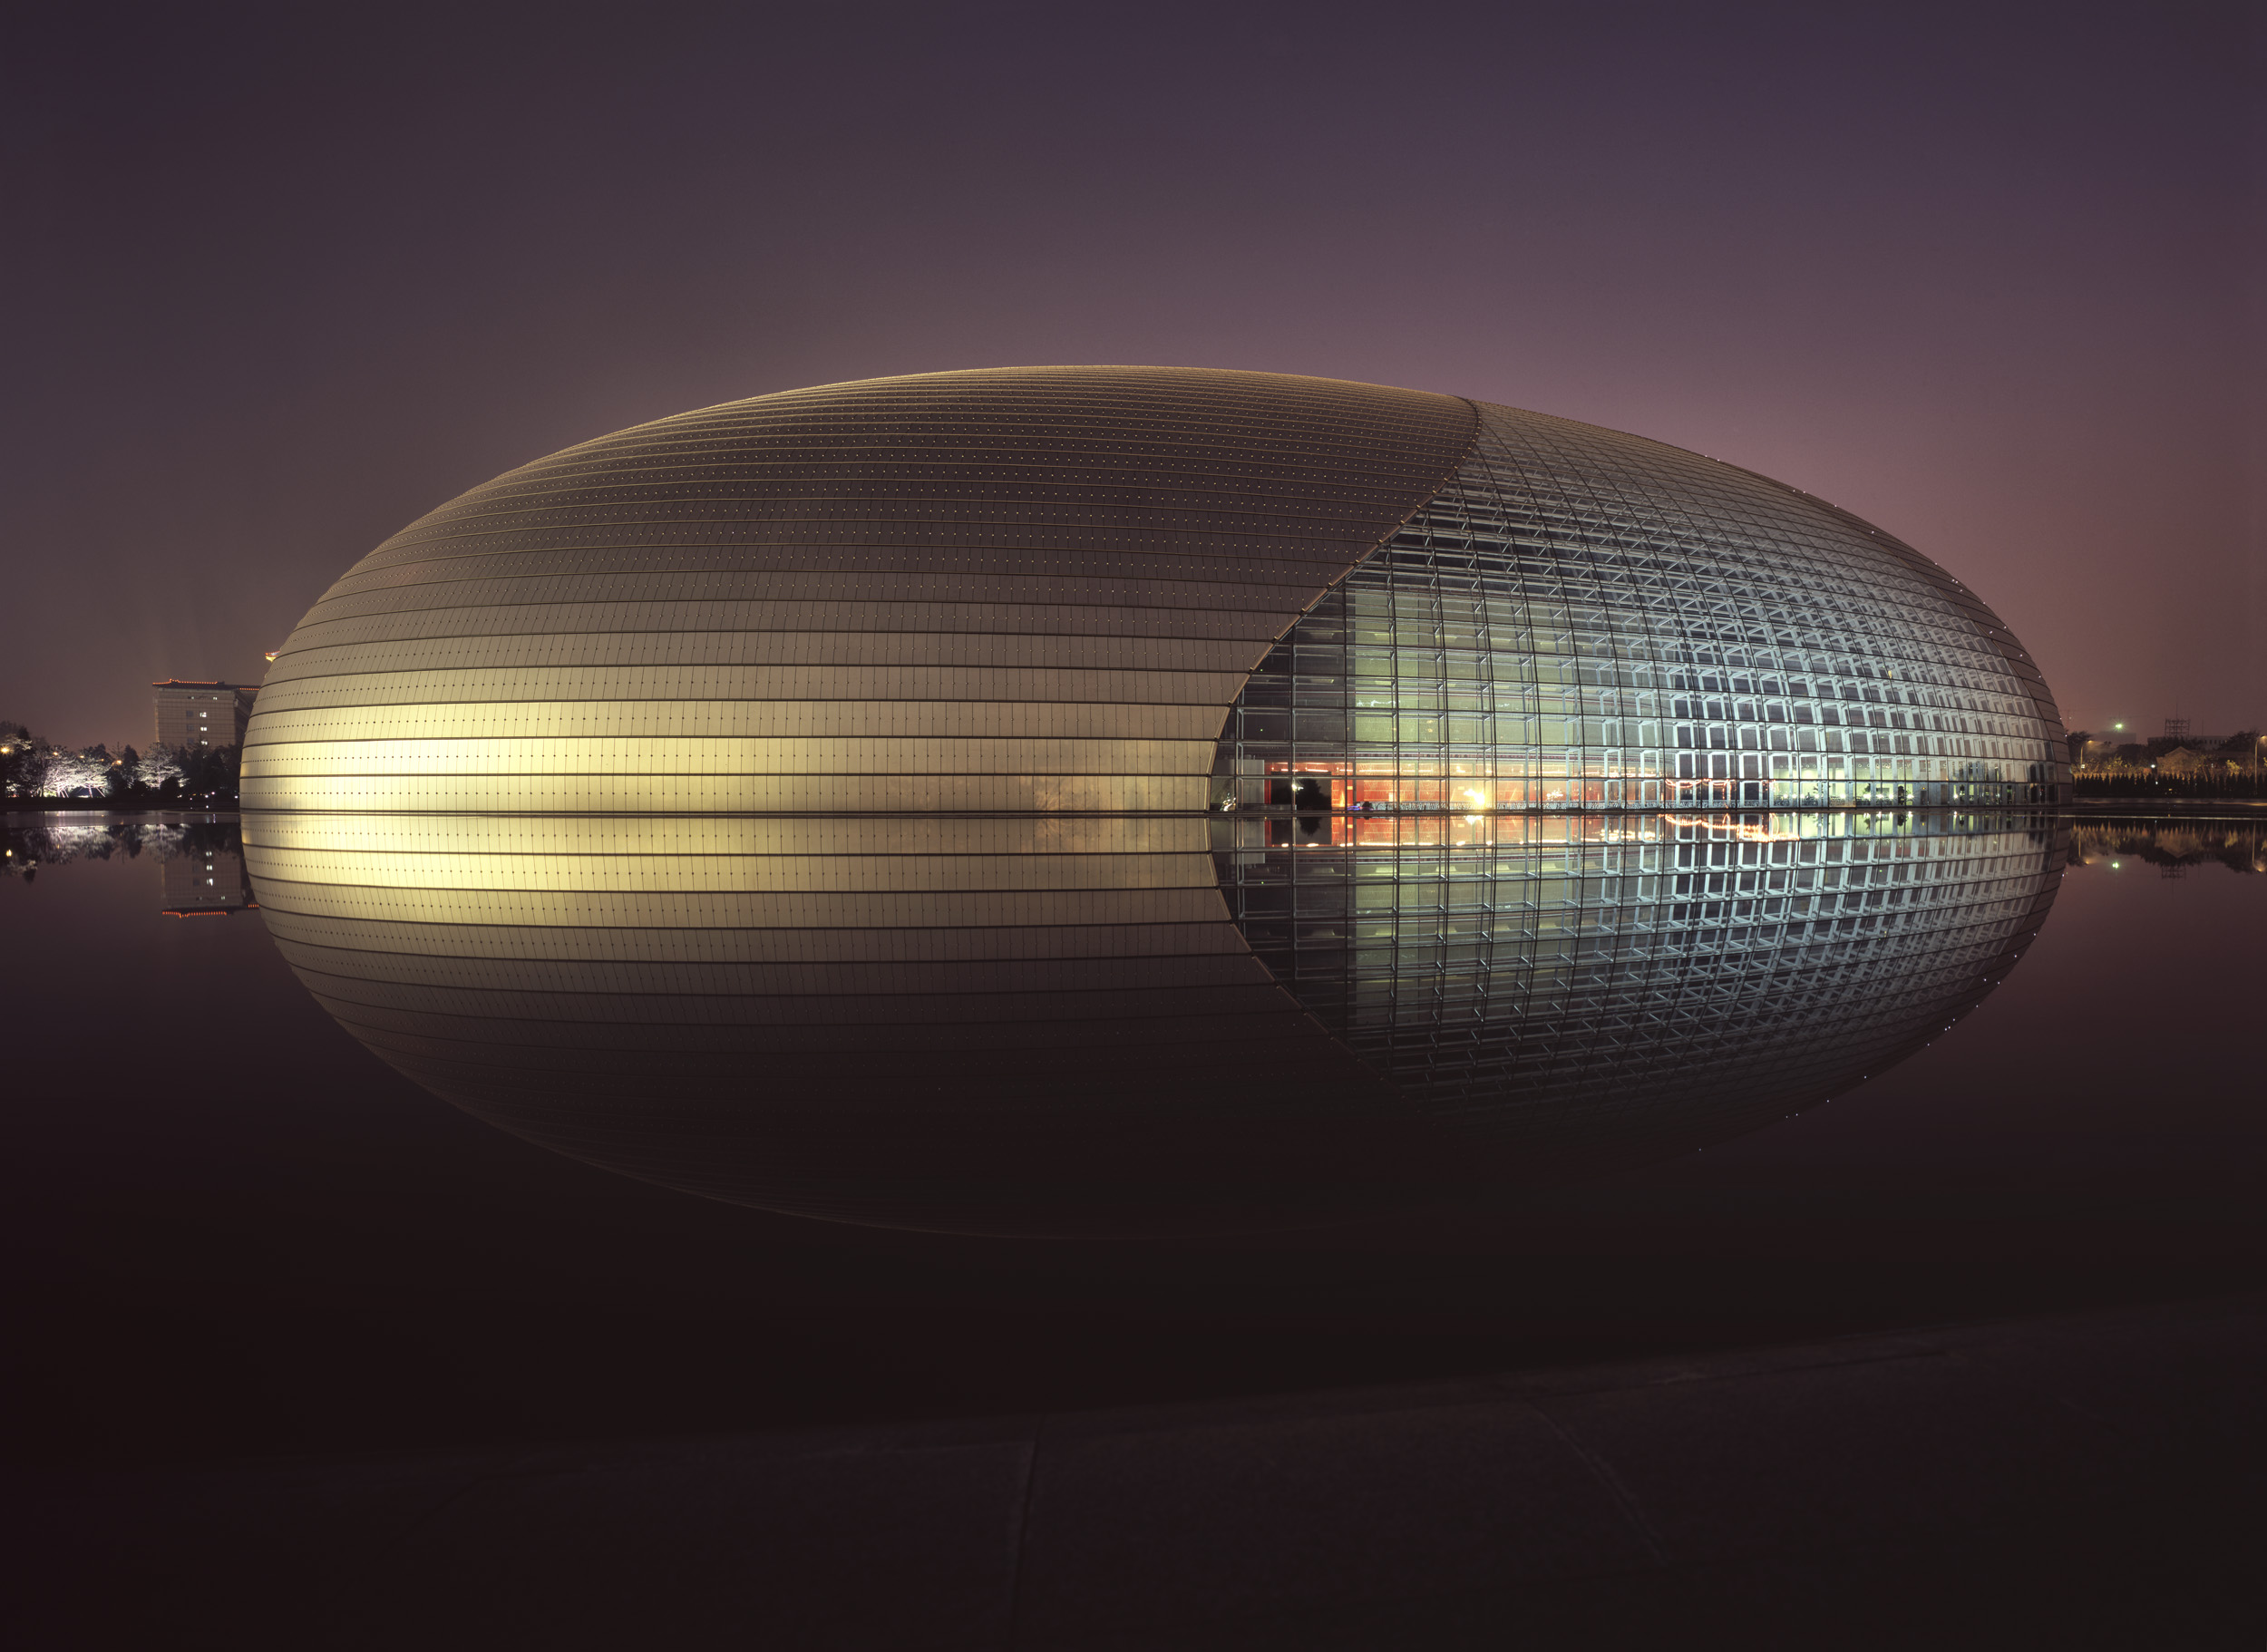 Opera House - Beijing, China 2001